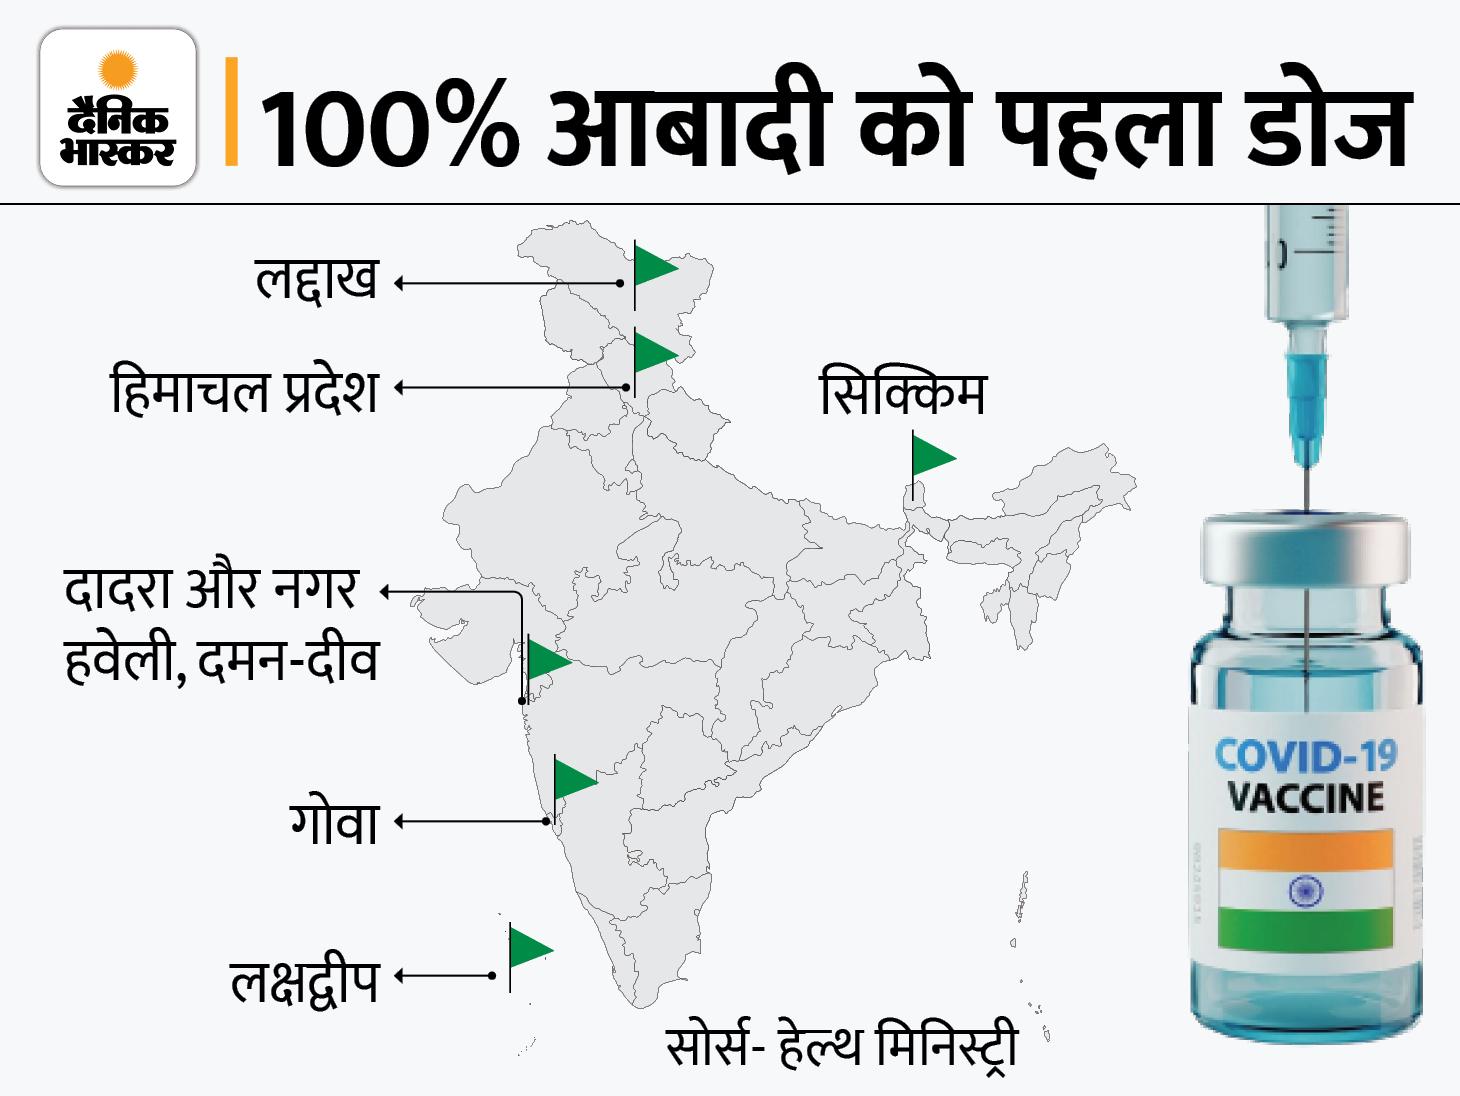 6 राज्यों में 18+ की पूरी आबादी को वैक्सीन का पहला डोज लगा, कुल वैक्सीनेशन 74 करोड़ के पार|देश,National - Dainik Bhaskar